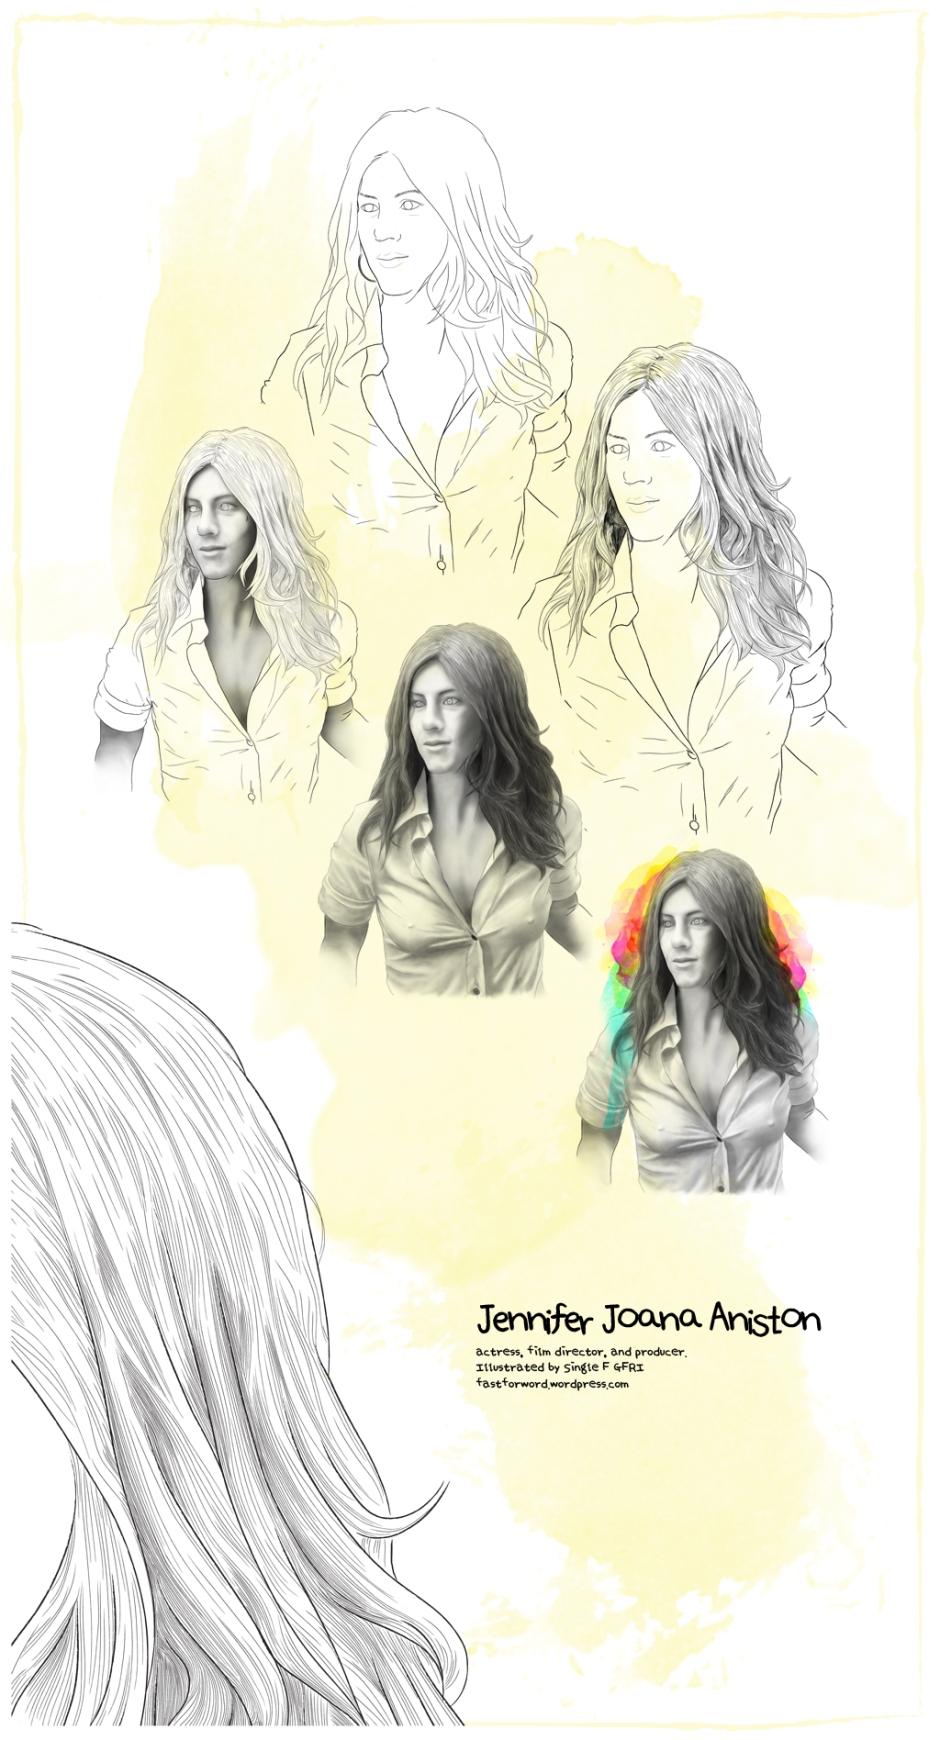 Jennifer Aniston Fan Art by GFRI